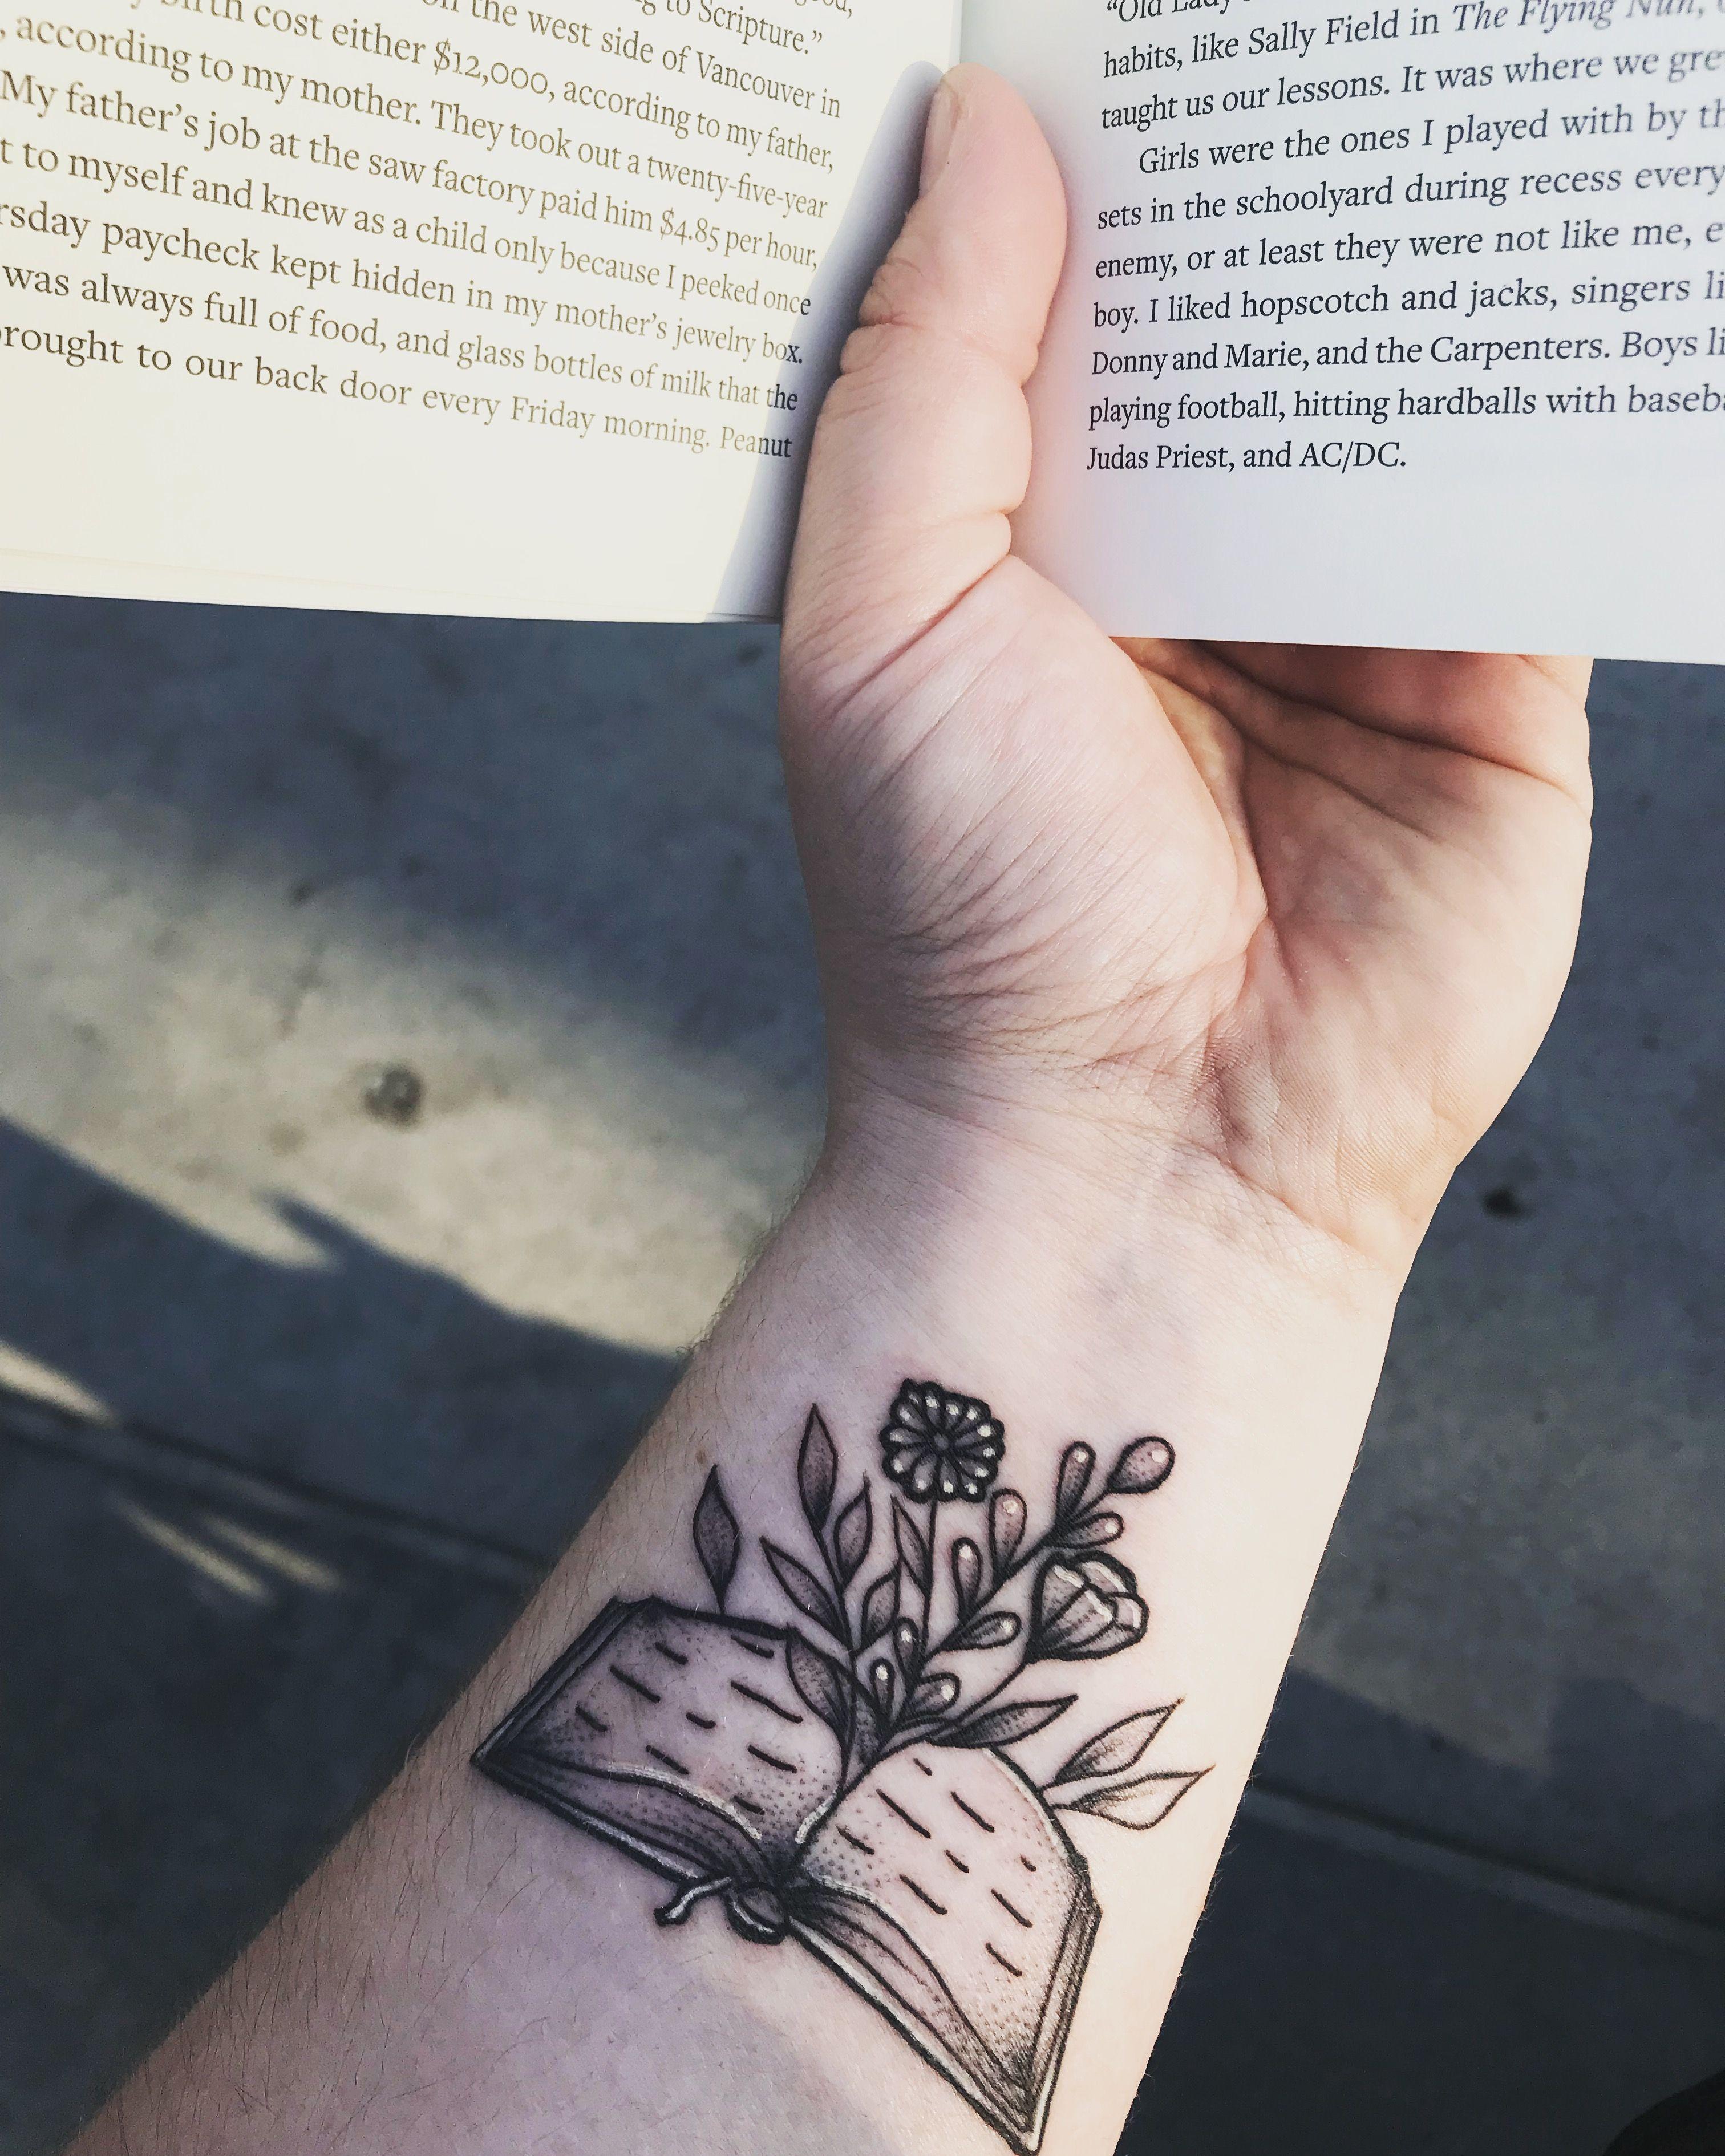 My Latest Tattoo Flower Wrist Tattoos Latest Tattoos Typewriter Tattoo